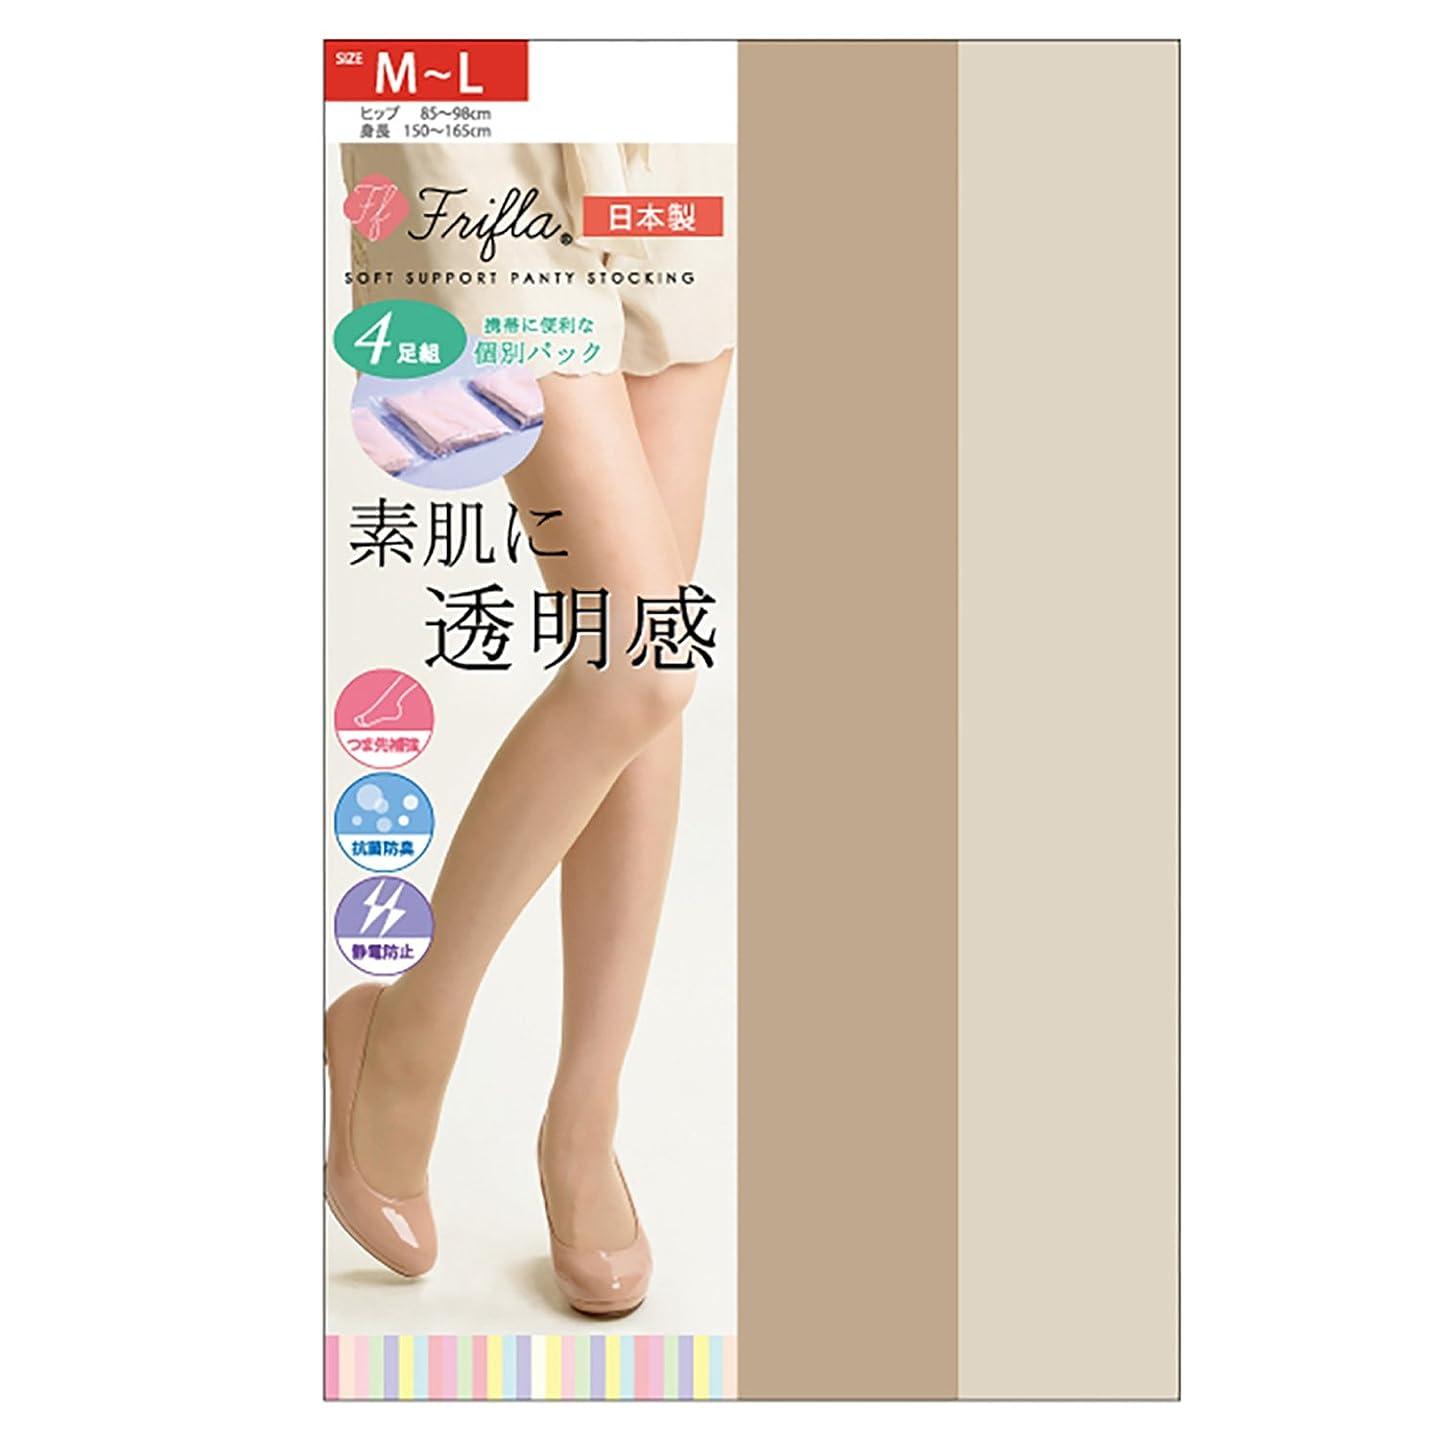 ひいきにする貞肖像画素肌に透明感 ソフトサポートタイプ 交編ストッキング 4足組 日本製-素肌感 個包装 抗菌防臭 静電気防止 M-L L-LL パンスト (M-L, ピュアベージュ)